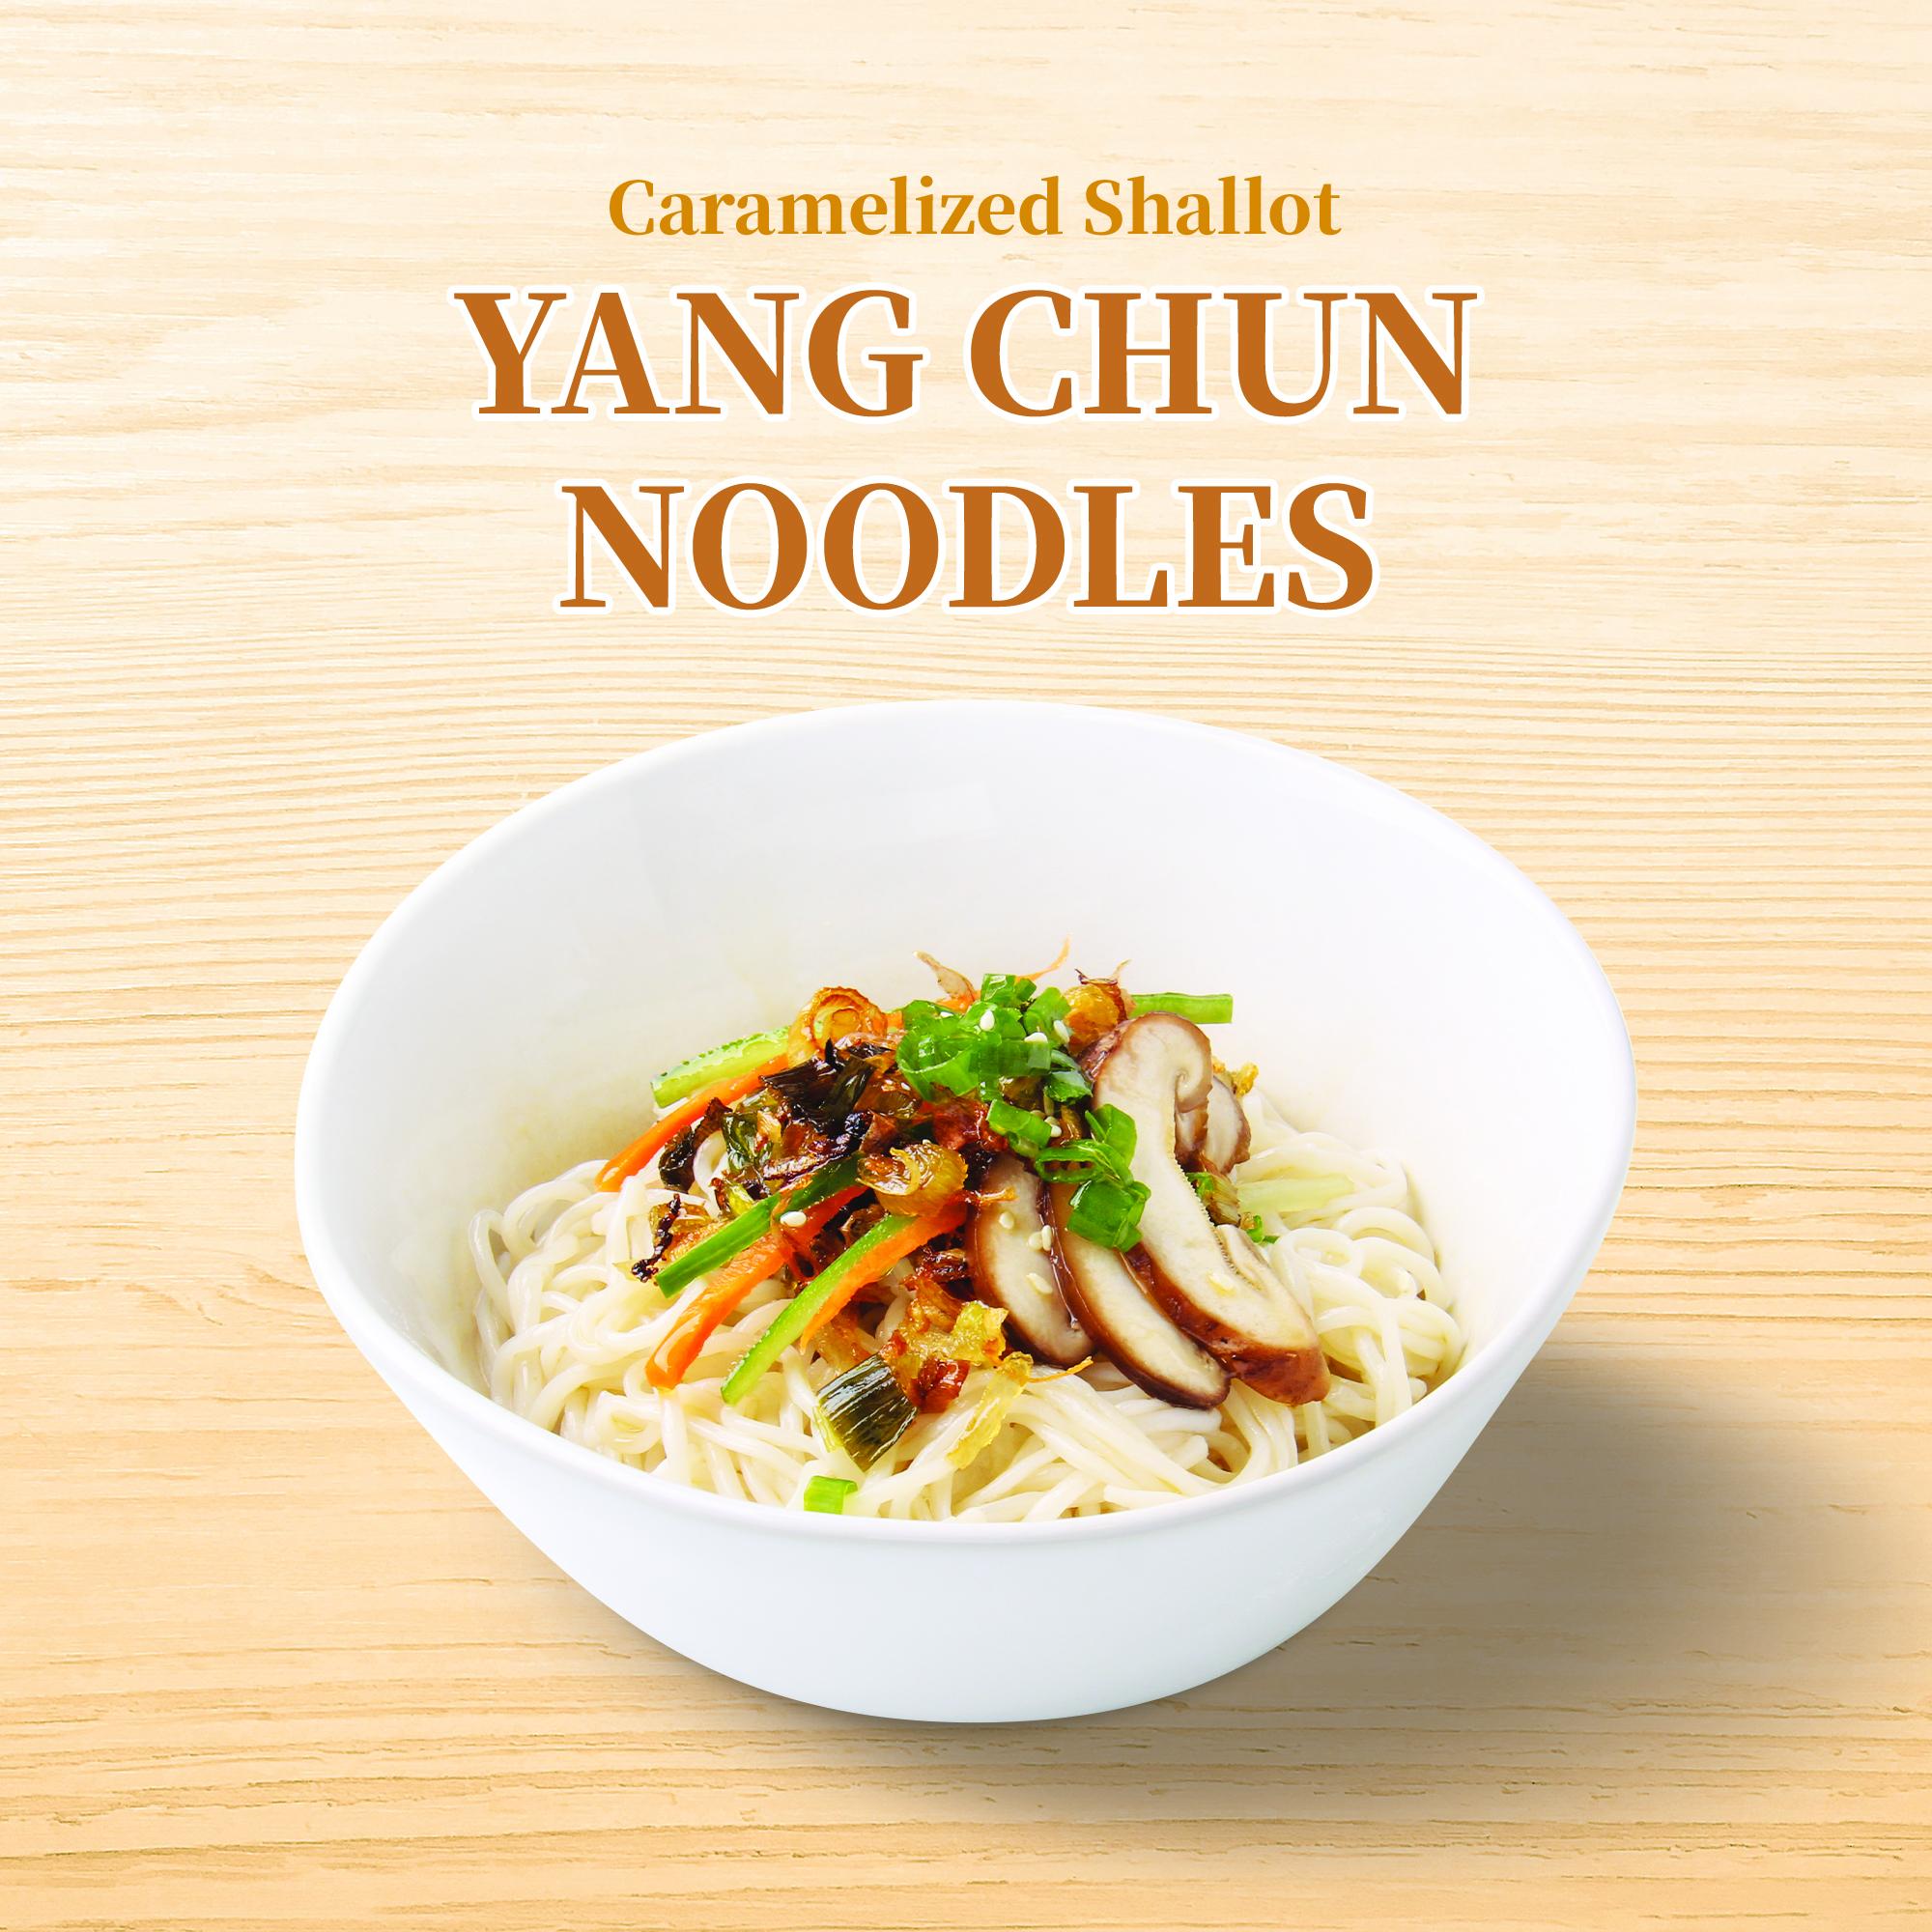 Caramelized Shallot Yangchun Noodle 1